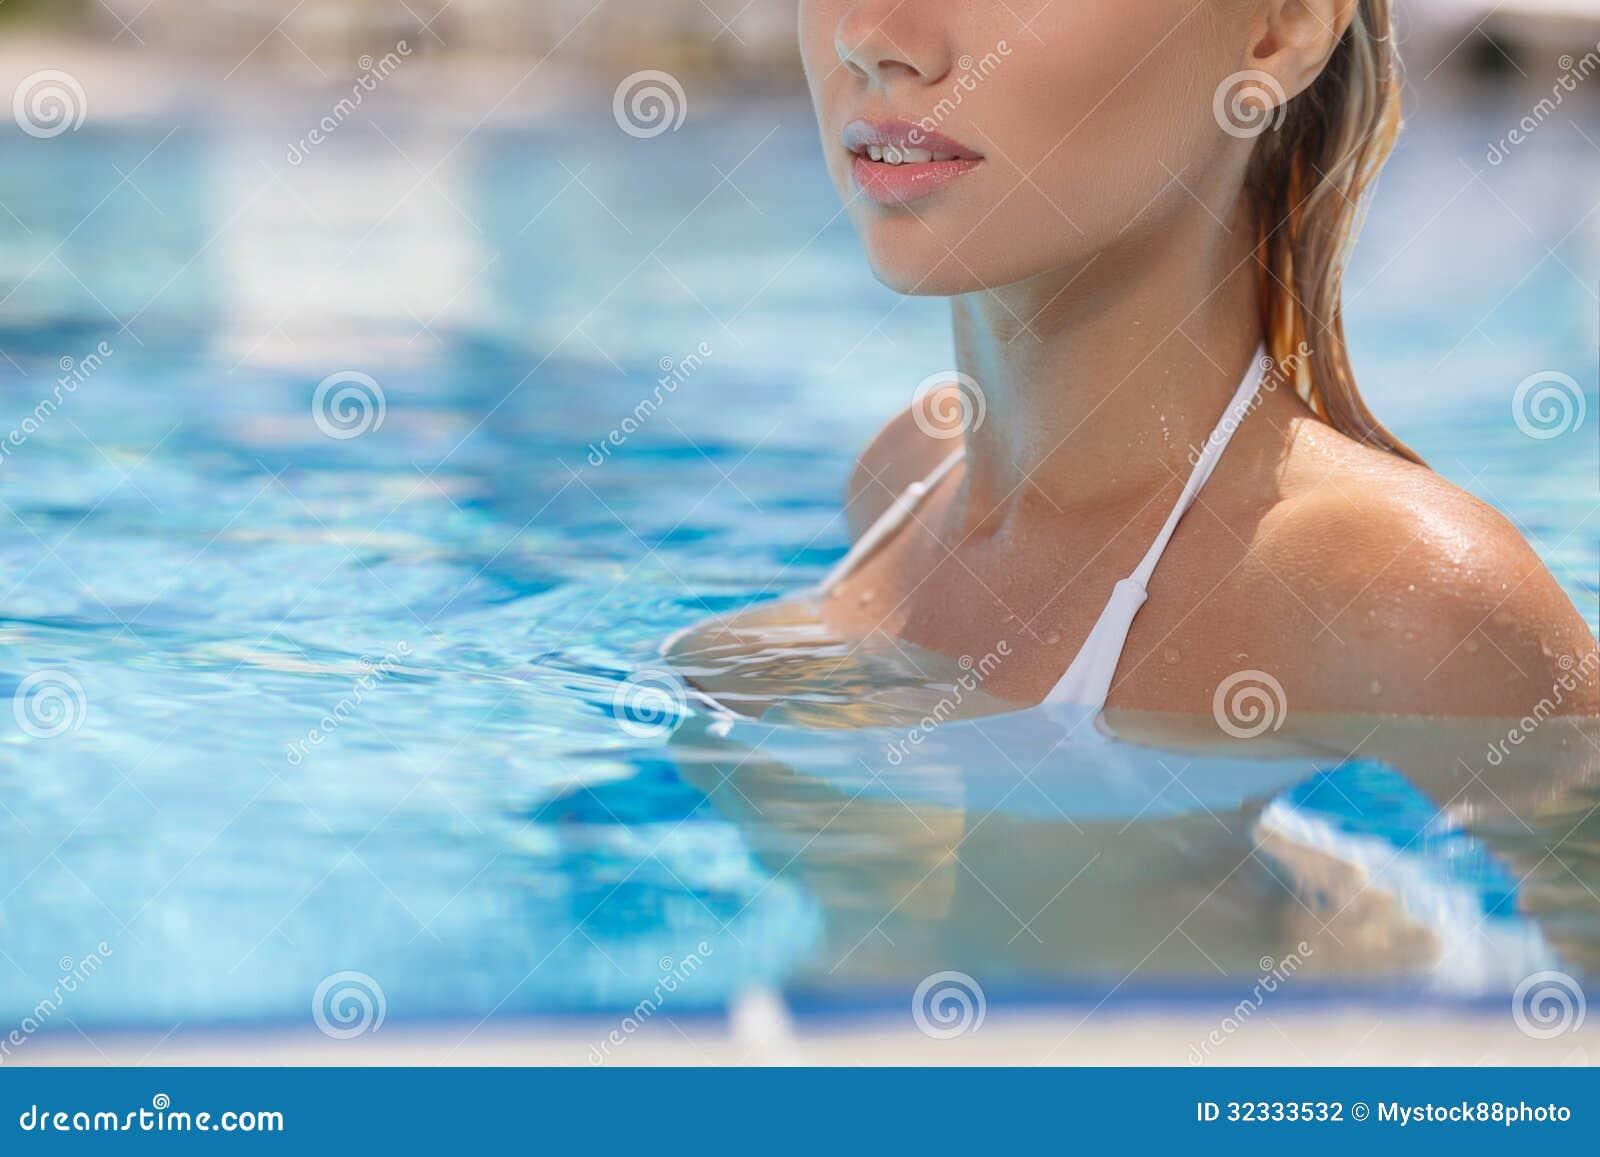 31e76680845f Belleza en piscina. Imagen cosechada de la natación hermosa de la mujer  joven en piscina